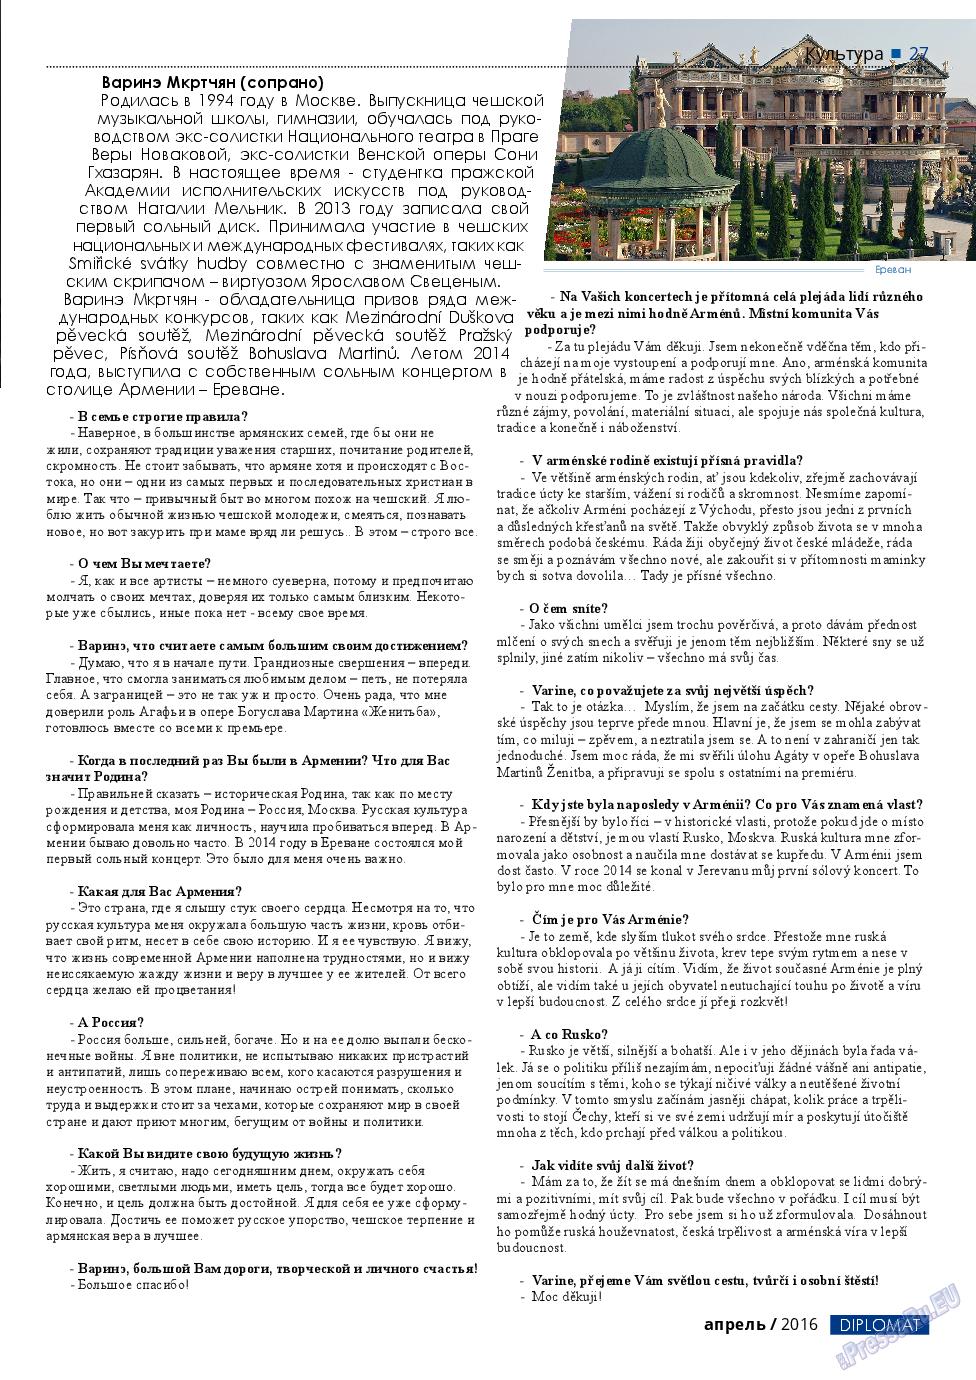 Diplomat (газета). 2016 год, номер 79, стр. 27